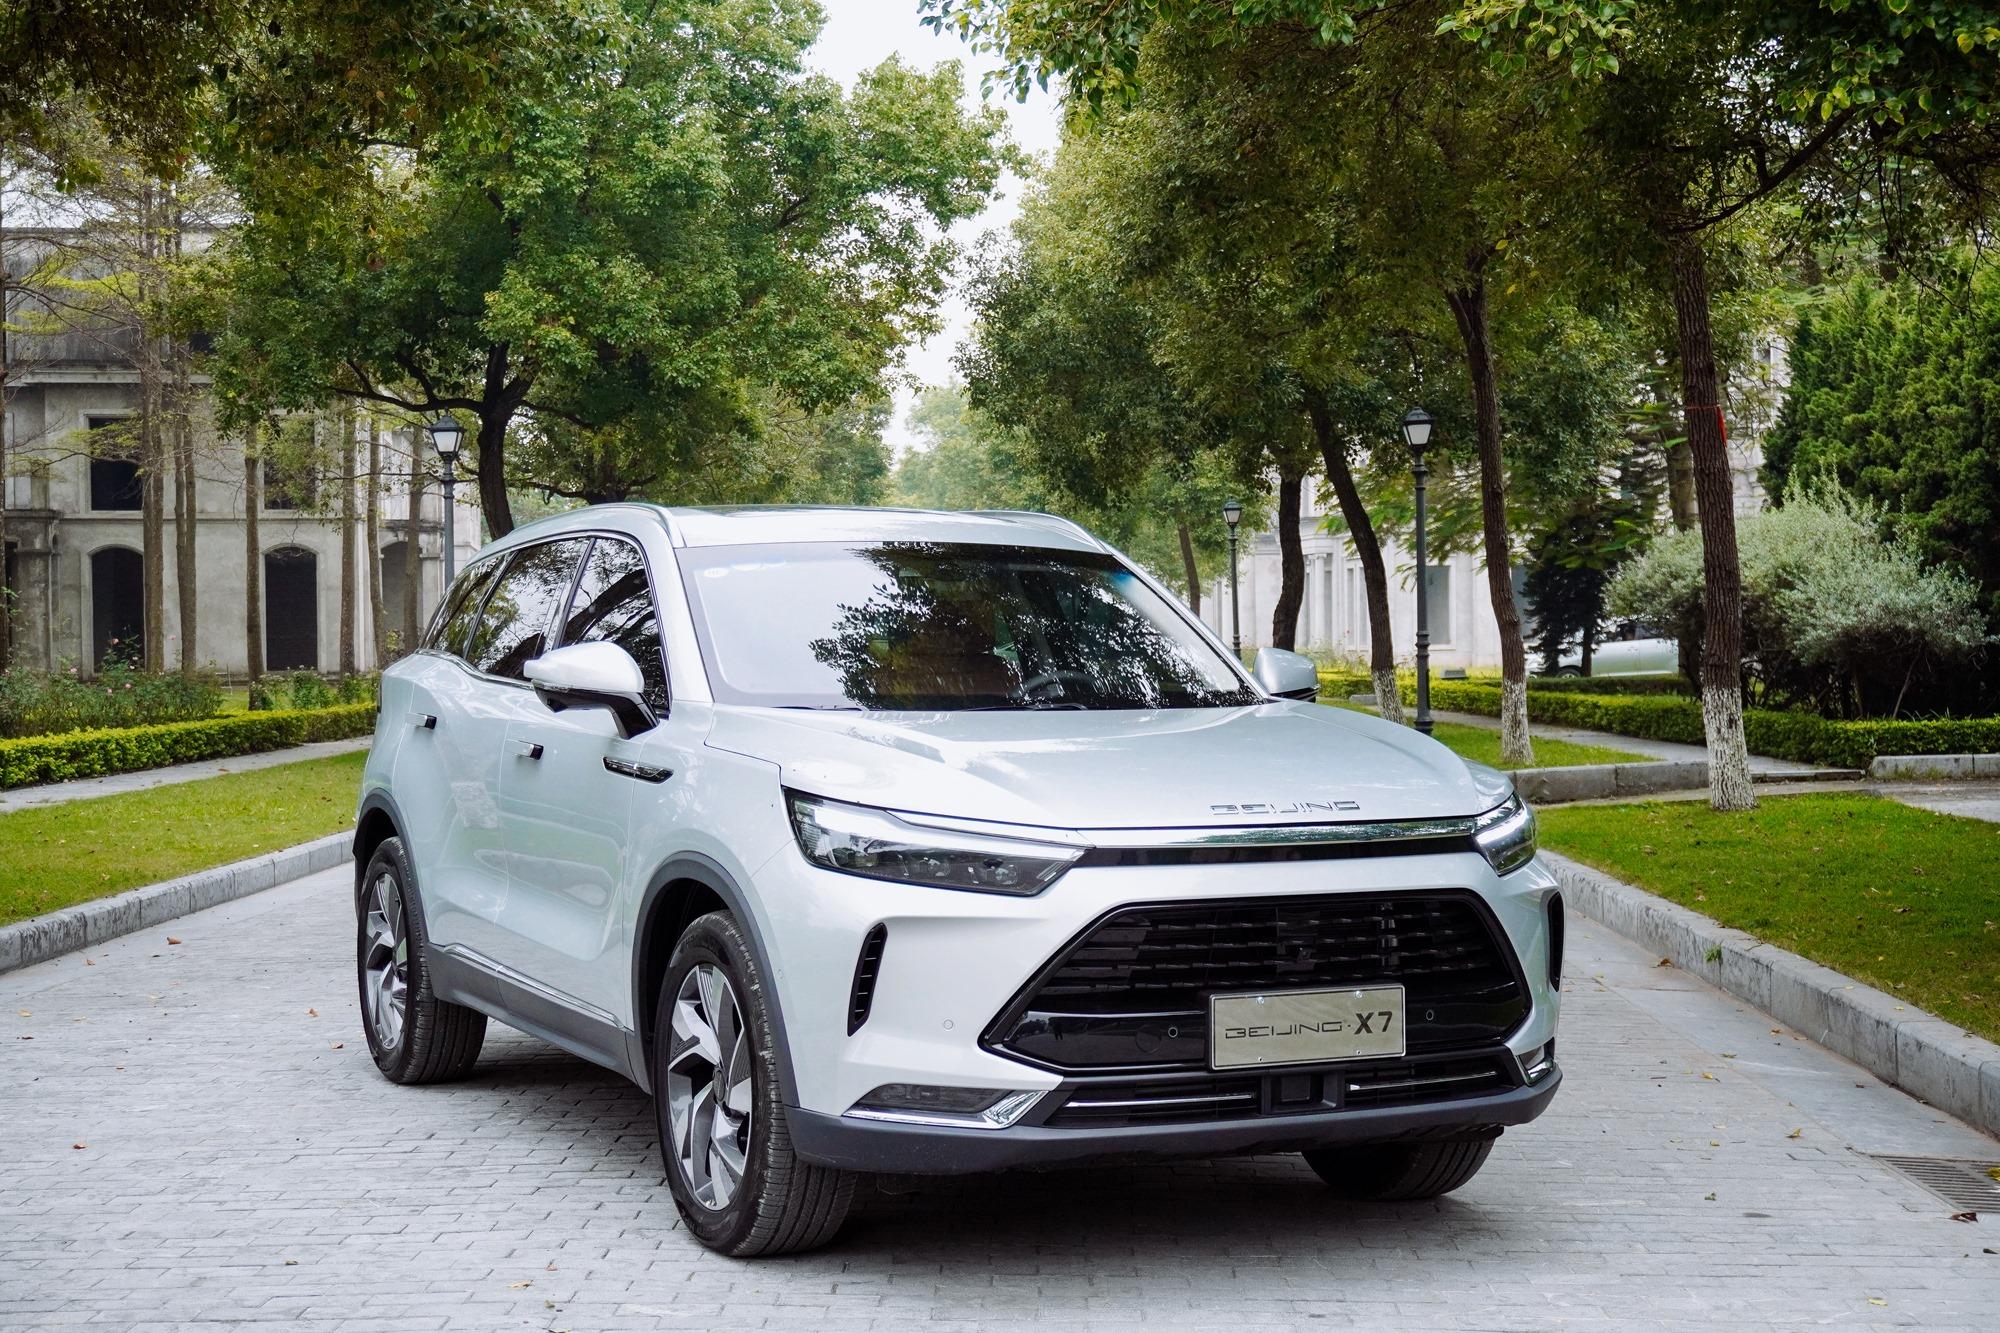 Trung Quốc nhập lượng nông sản khổng lồ này của Việt Nam về làm lốp rồi bán sang Việt Nam 3.900 ô tô - Ảnh 2.